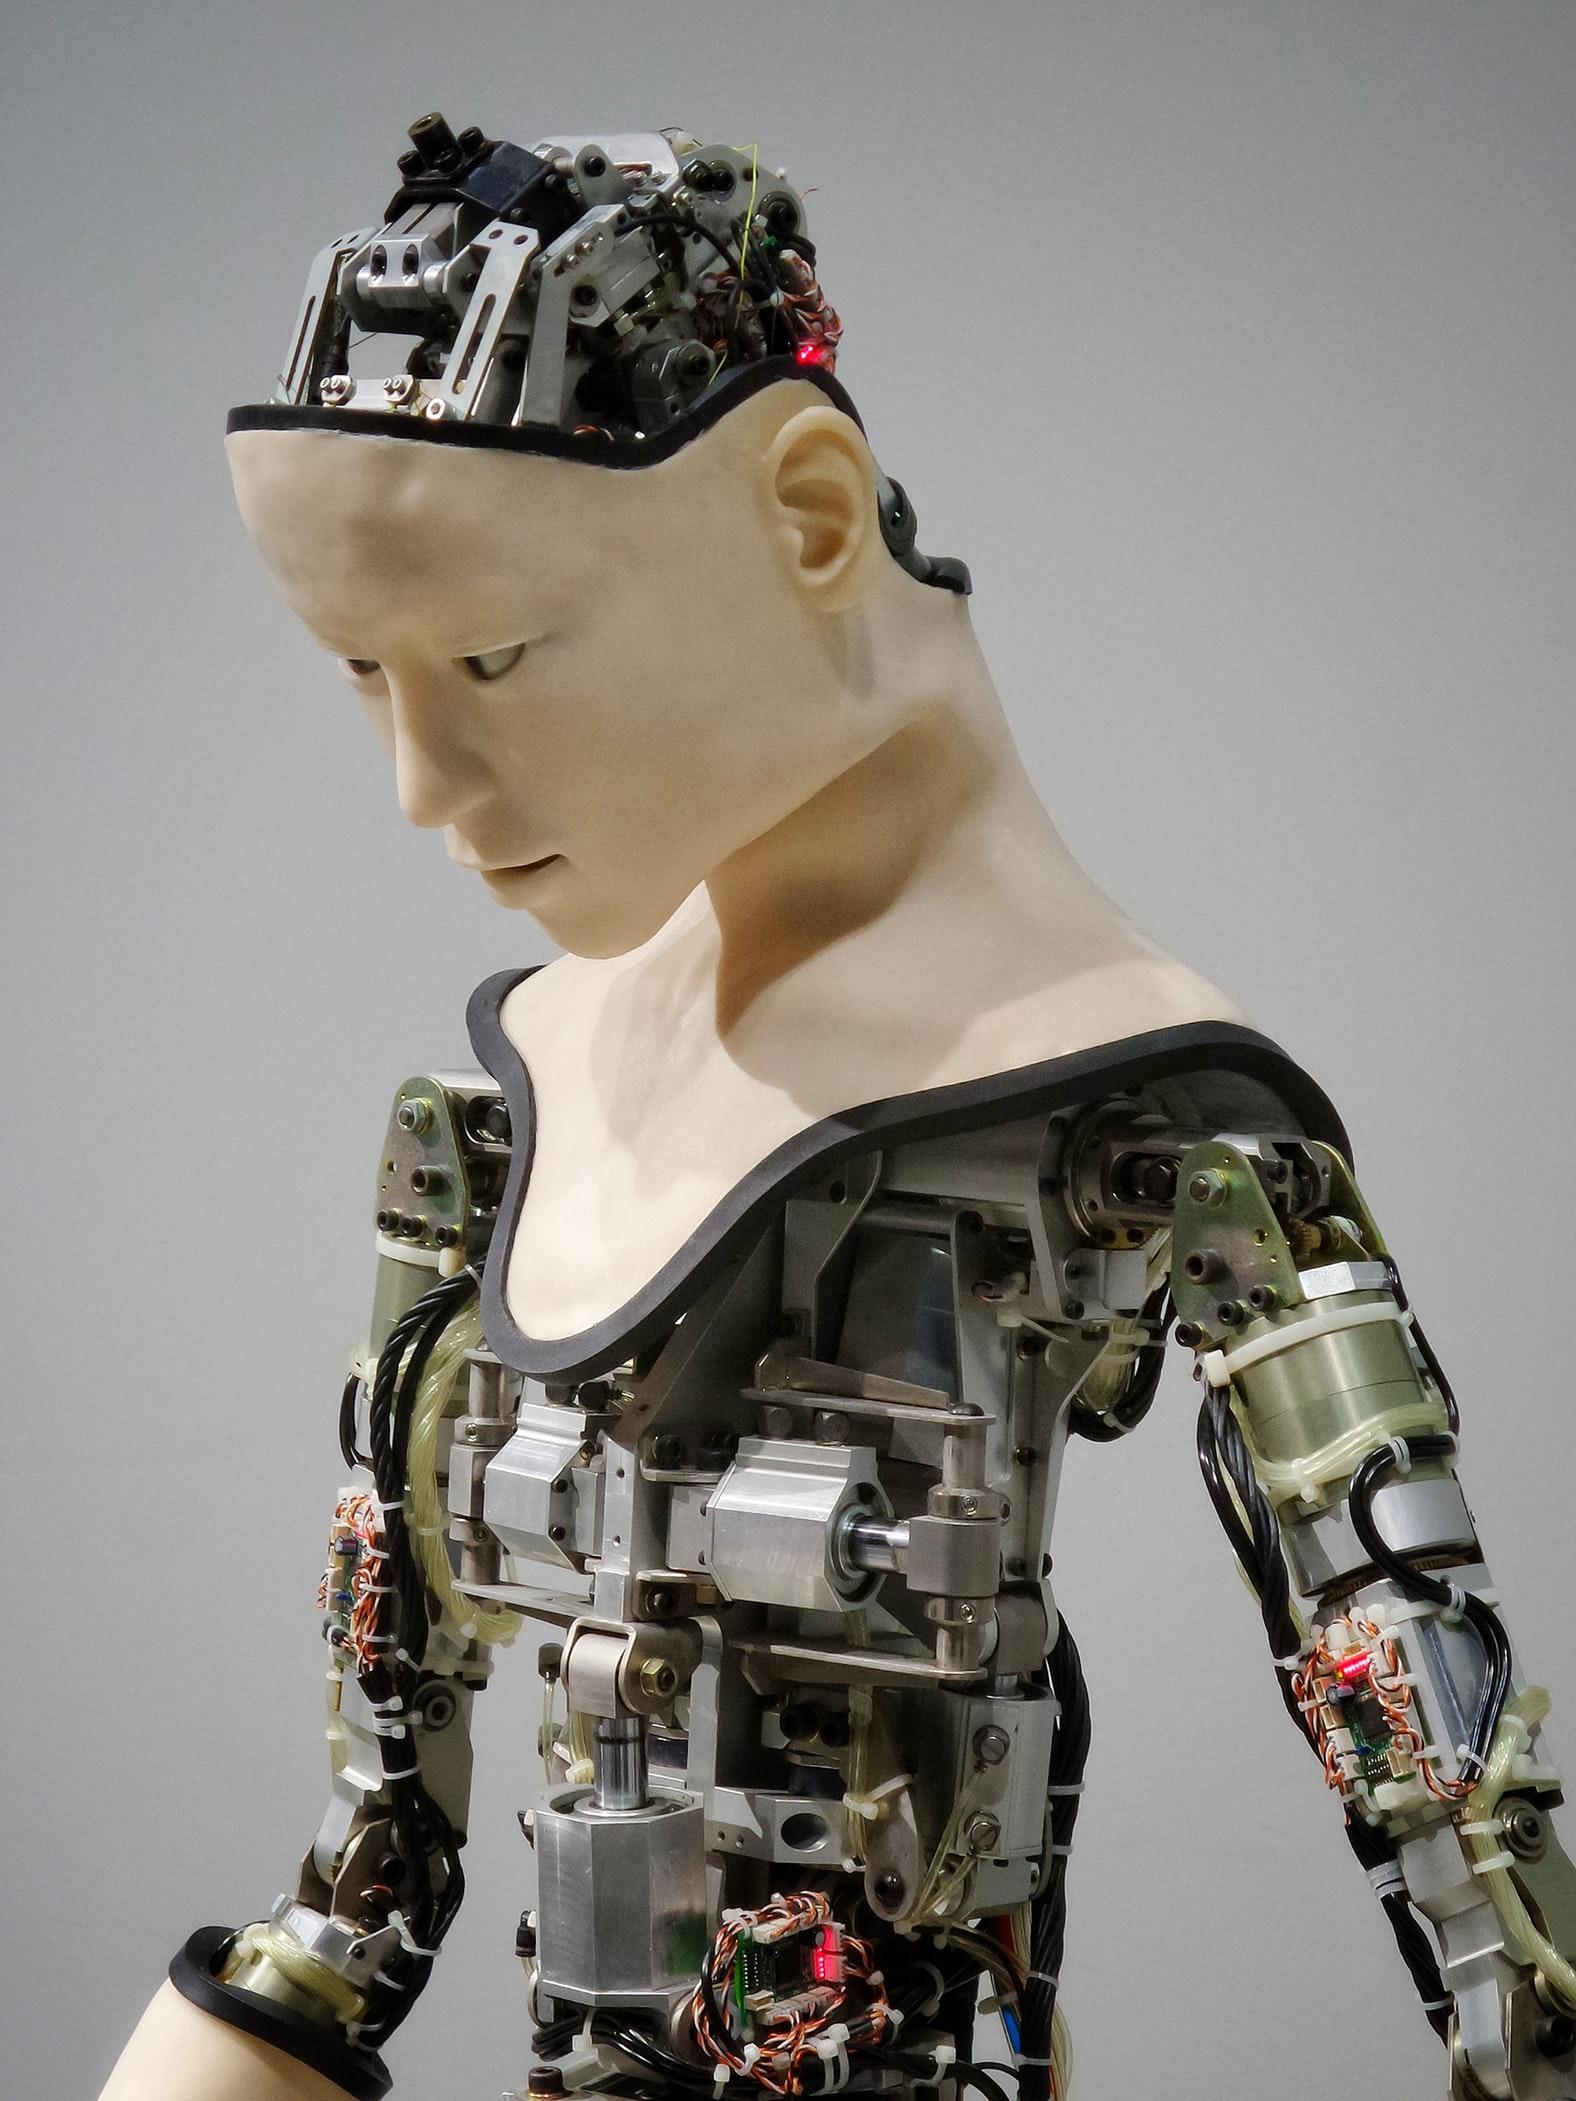 ces 2020,cs show,robot